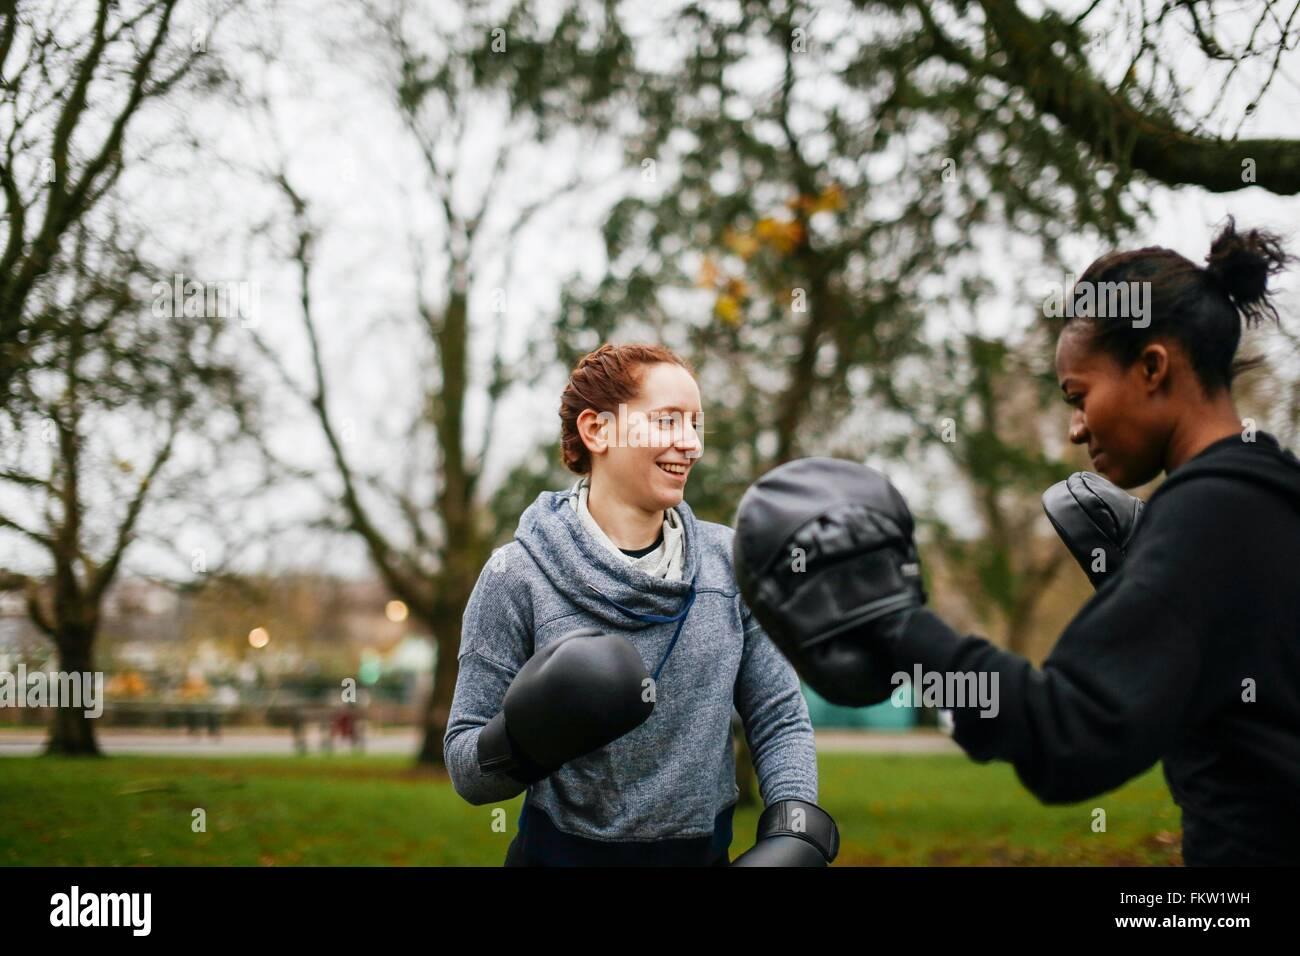 Hembras adultas jóvenes boxeadores formación en park Imagen De Stock